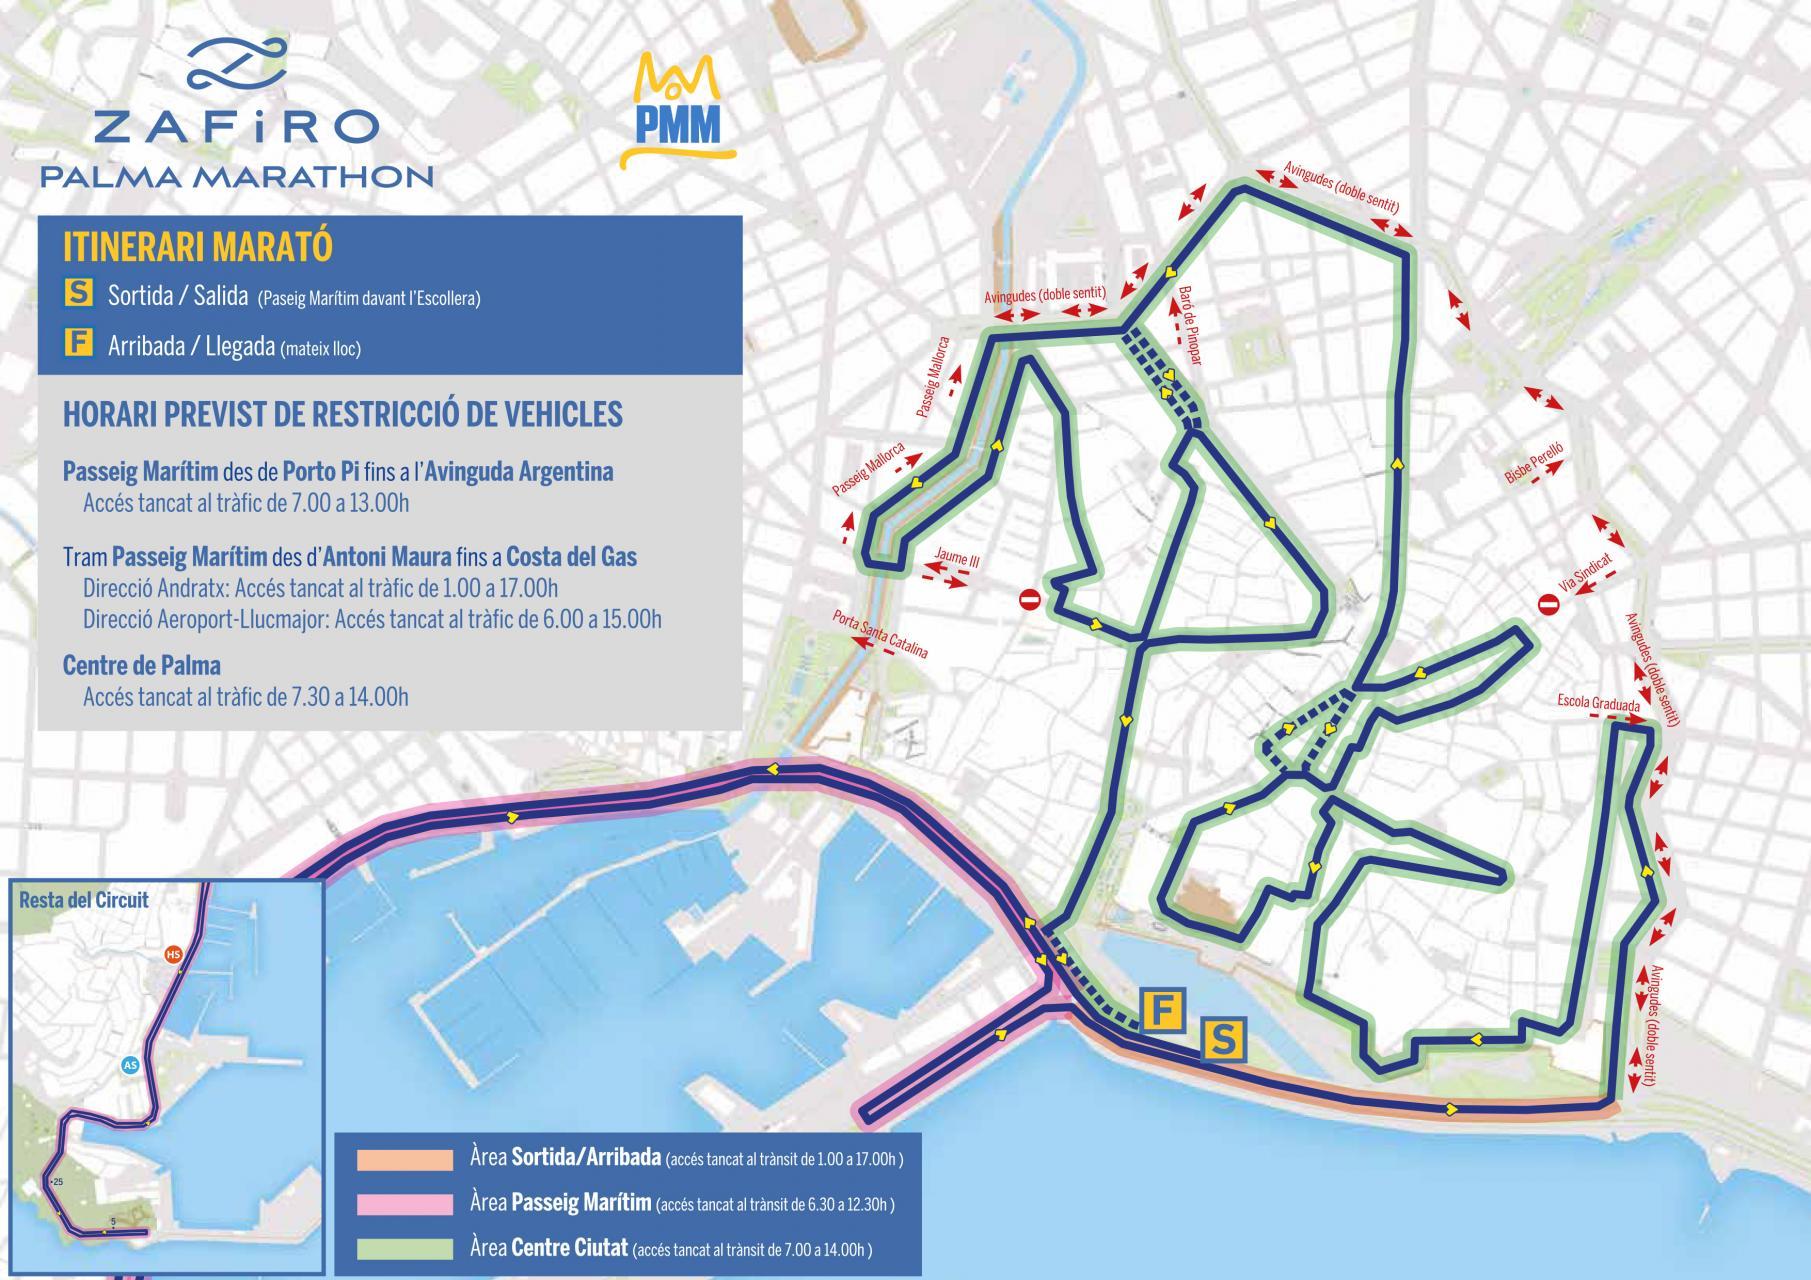 Zafiro Marathon 2021